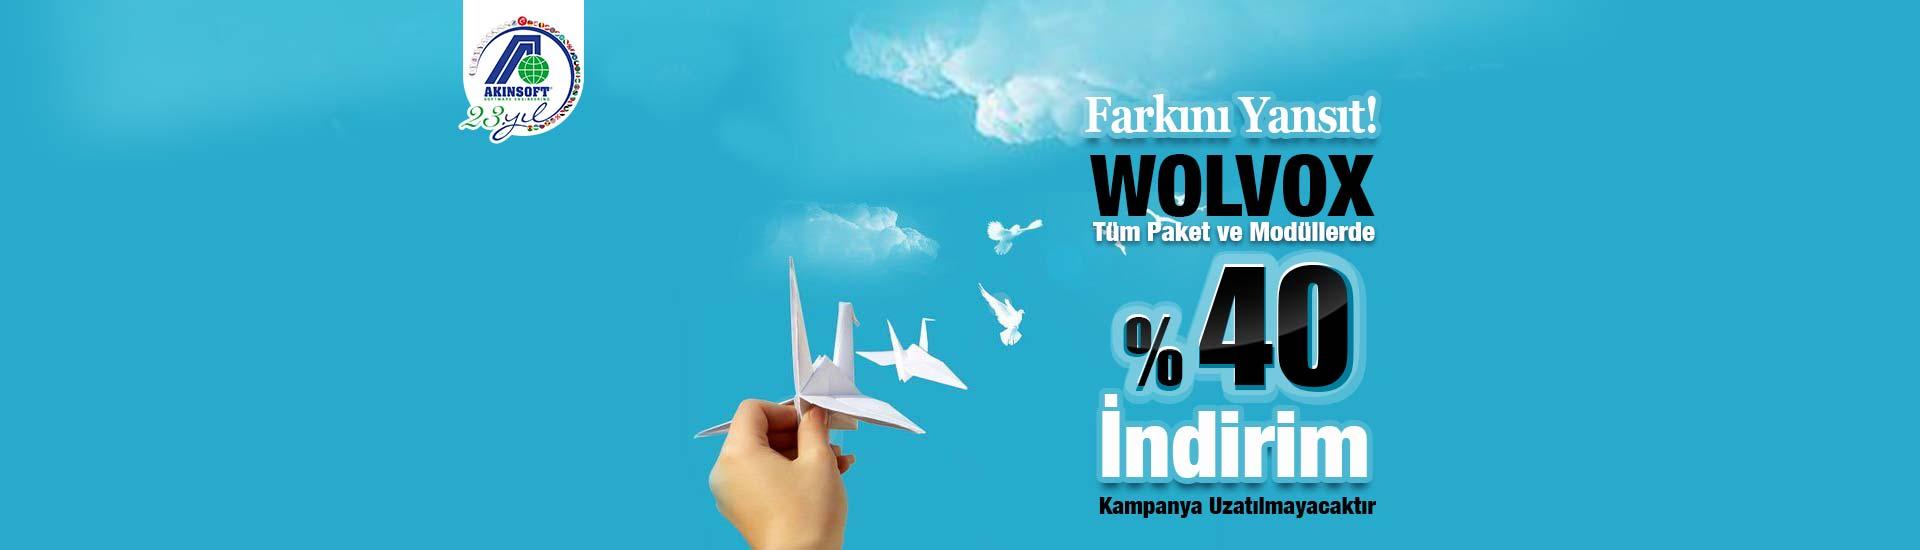 WOLVOX ile Farkını Yansıt!